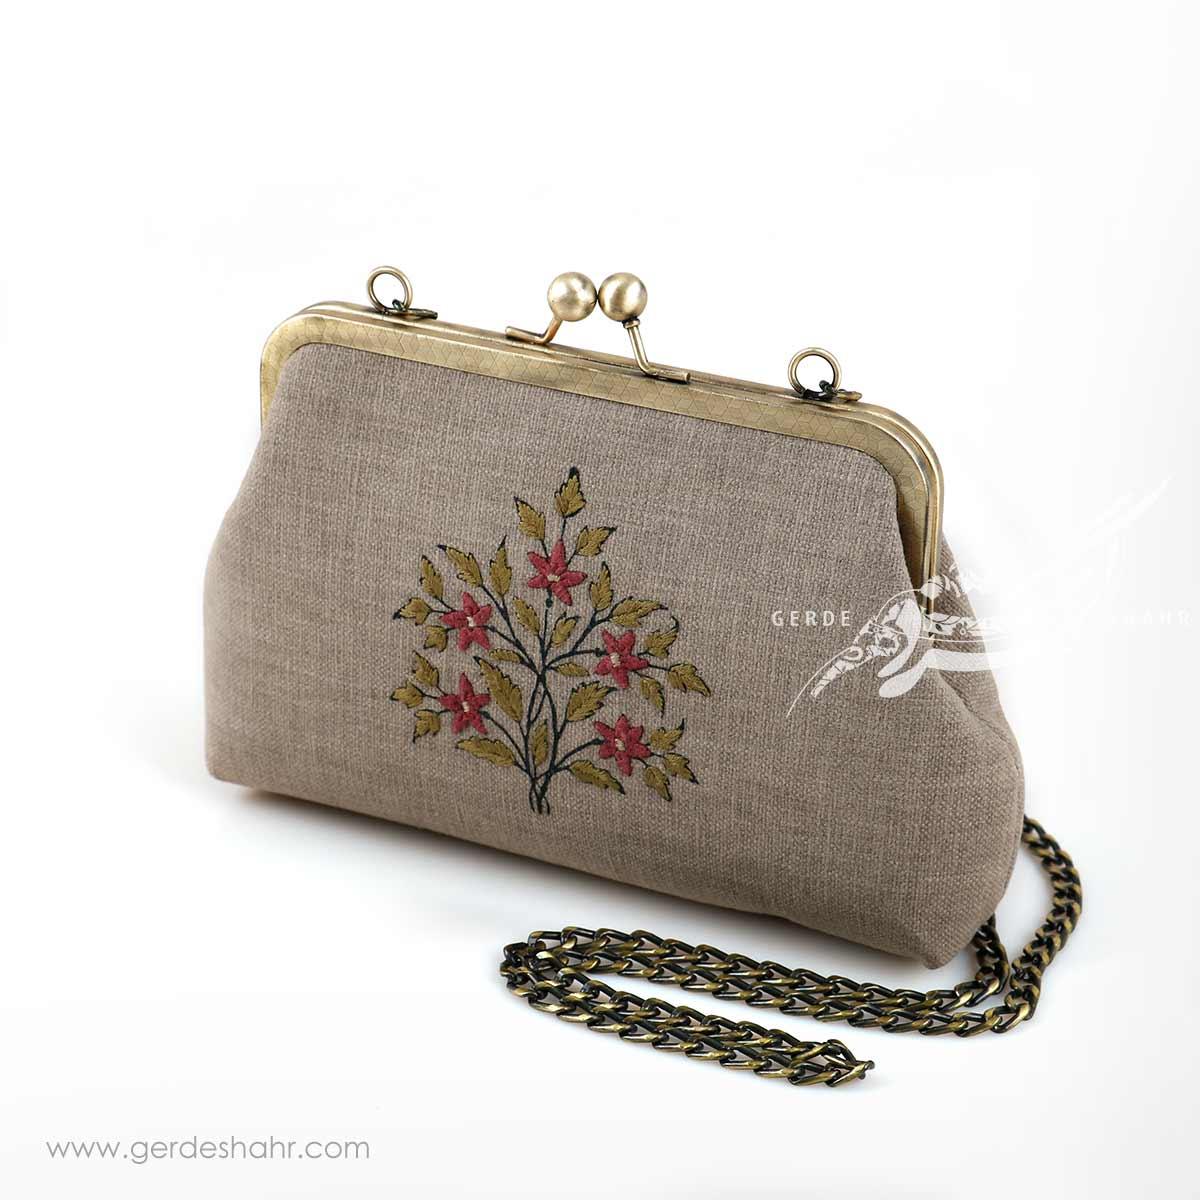 کیف بنددار خاکستری شیوا راژانه گنجه رخت